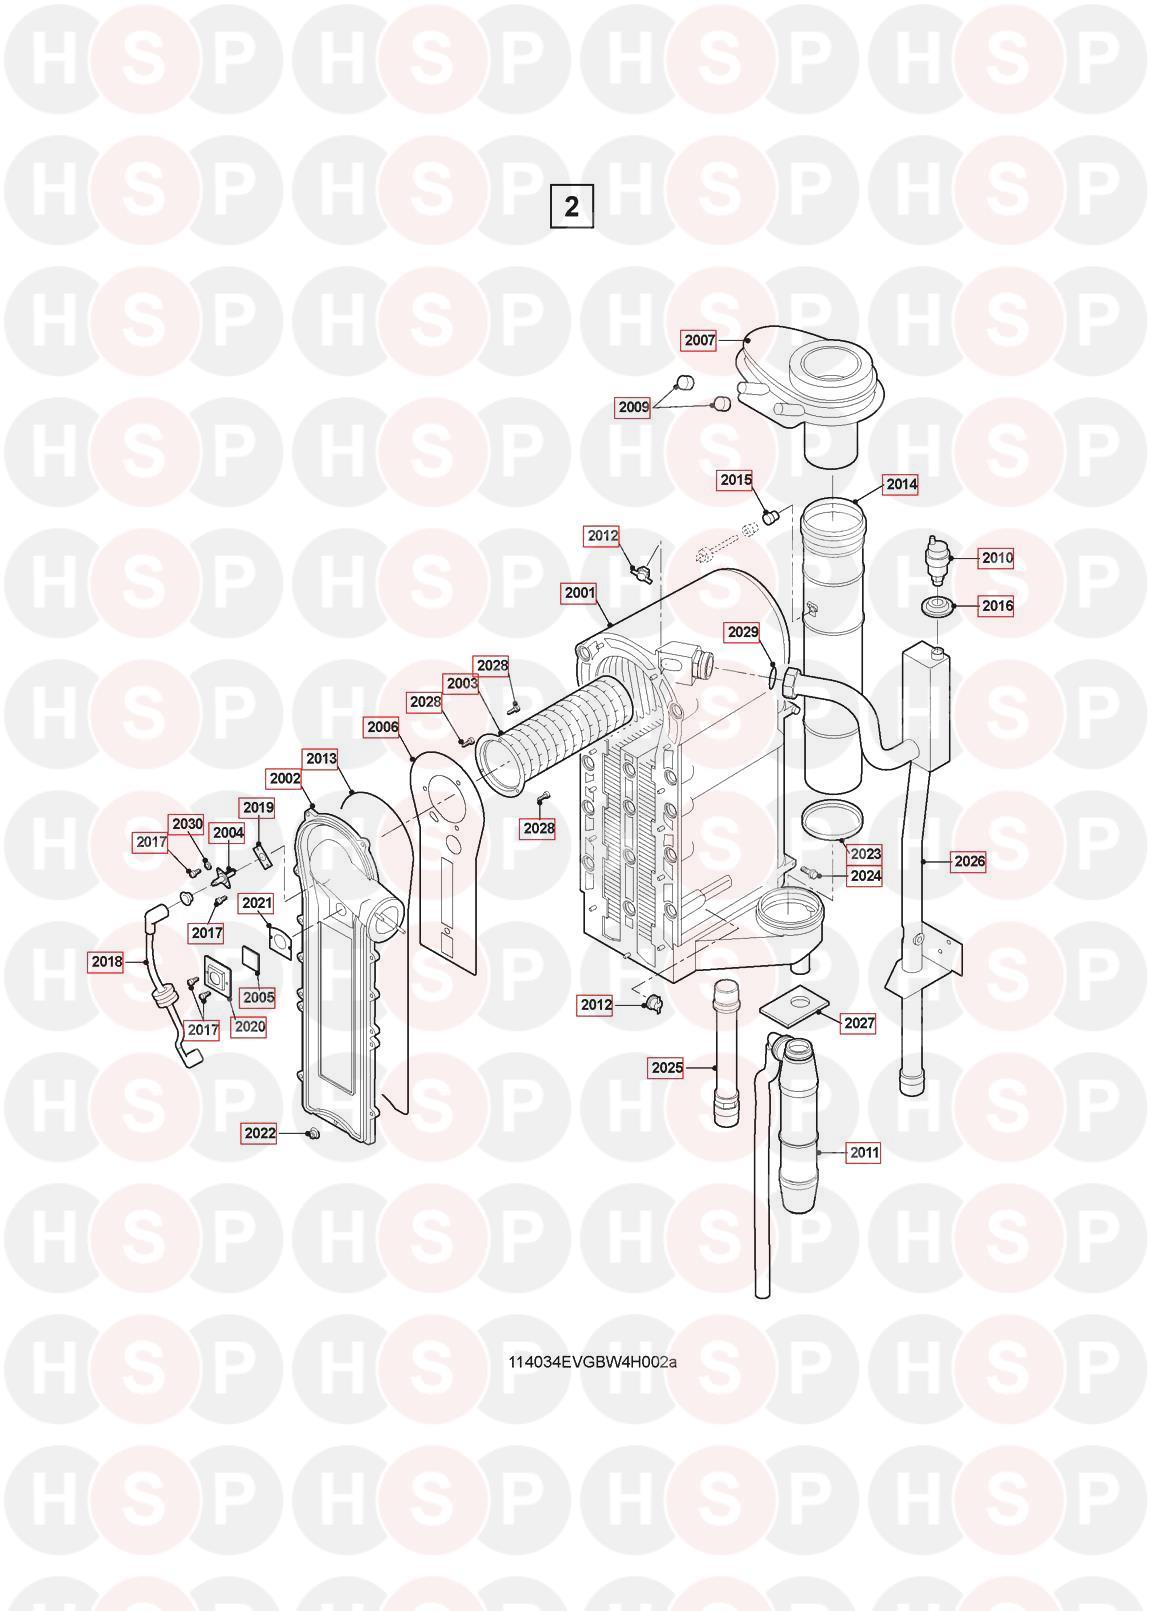 Remeha-Broag Quinta 115 (BURNER HEAT EXCHANGER) Diagram